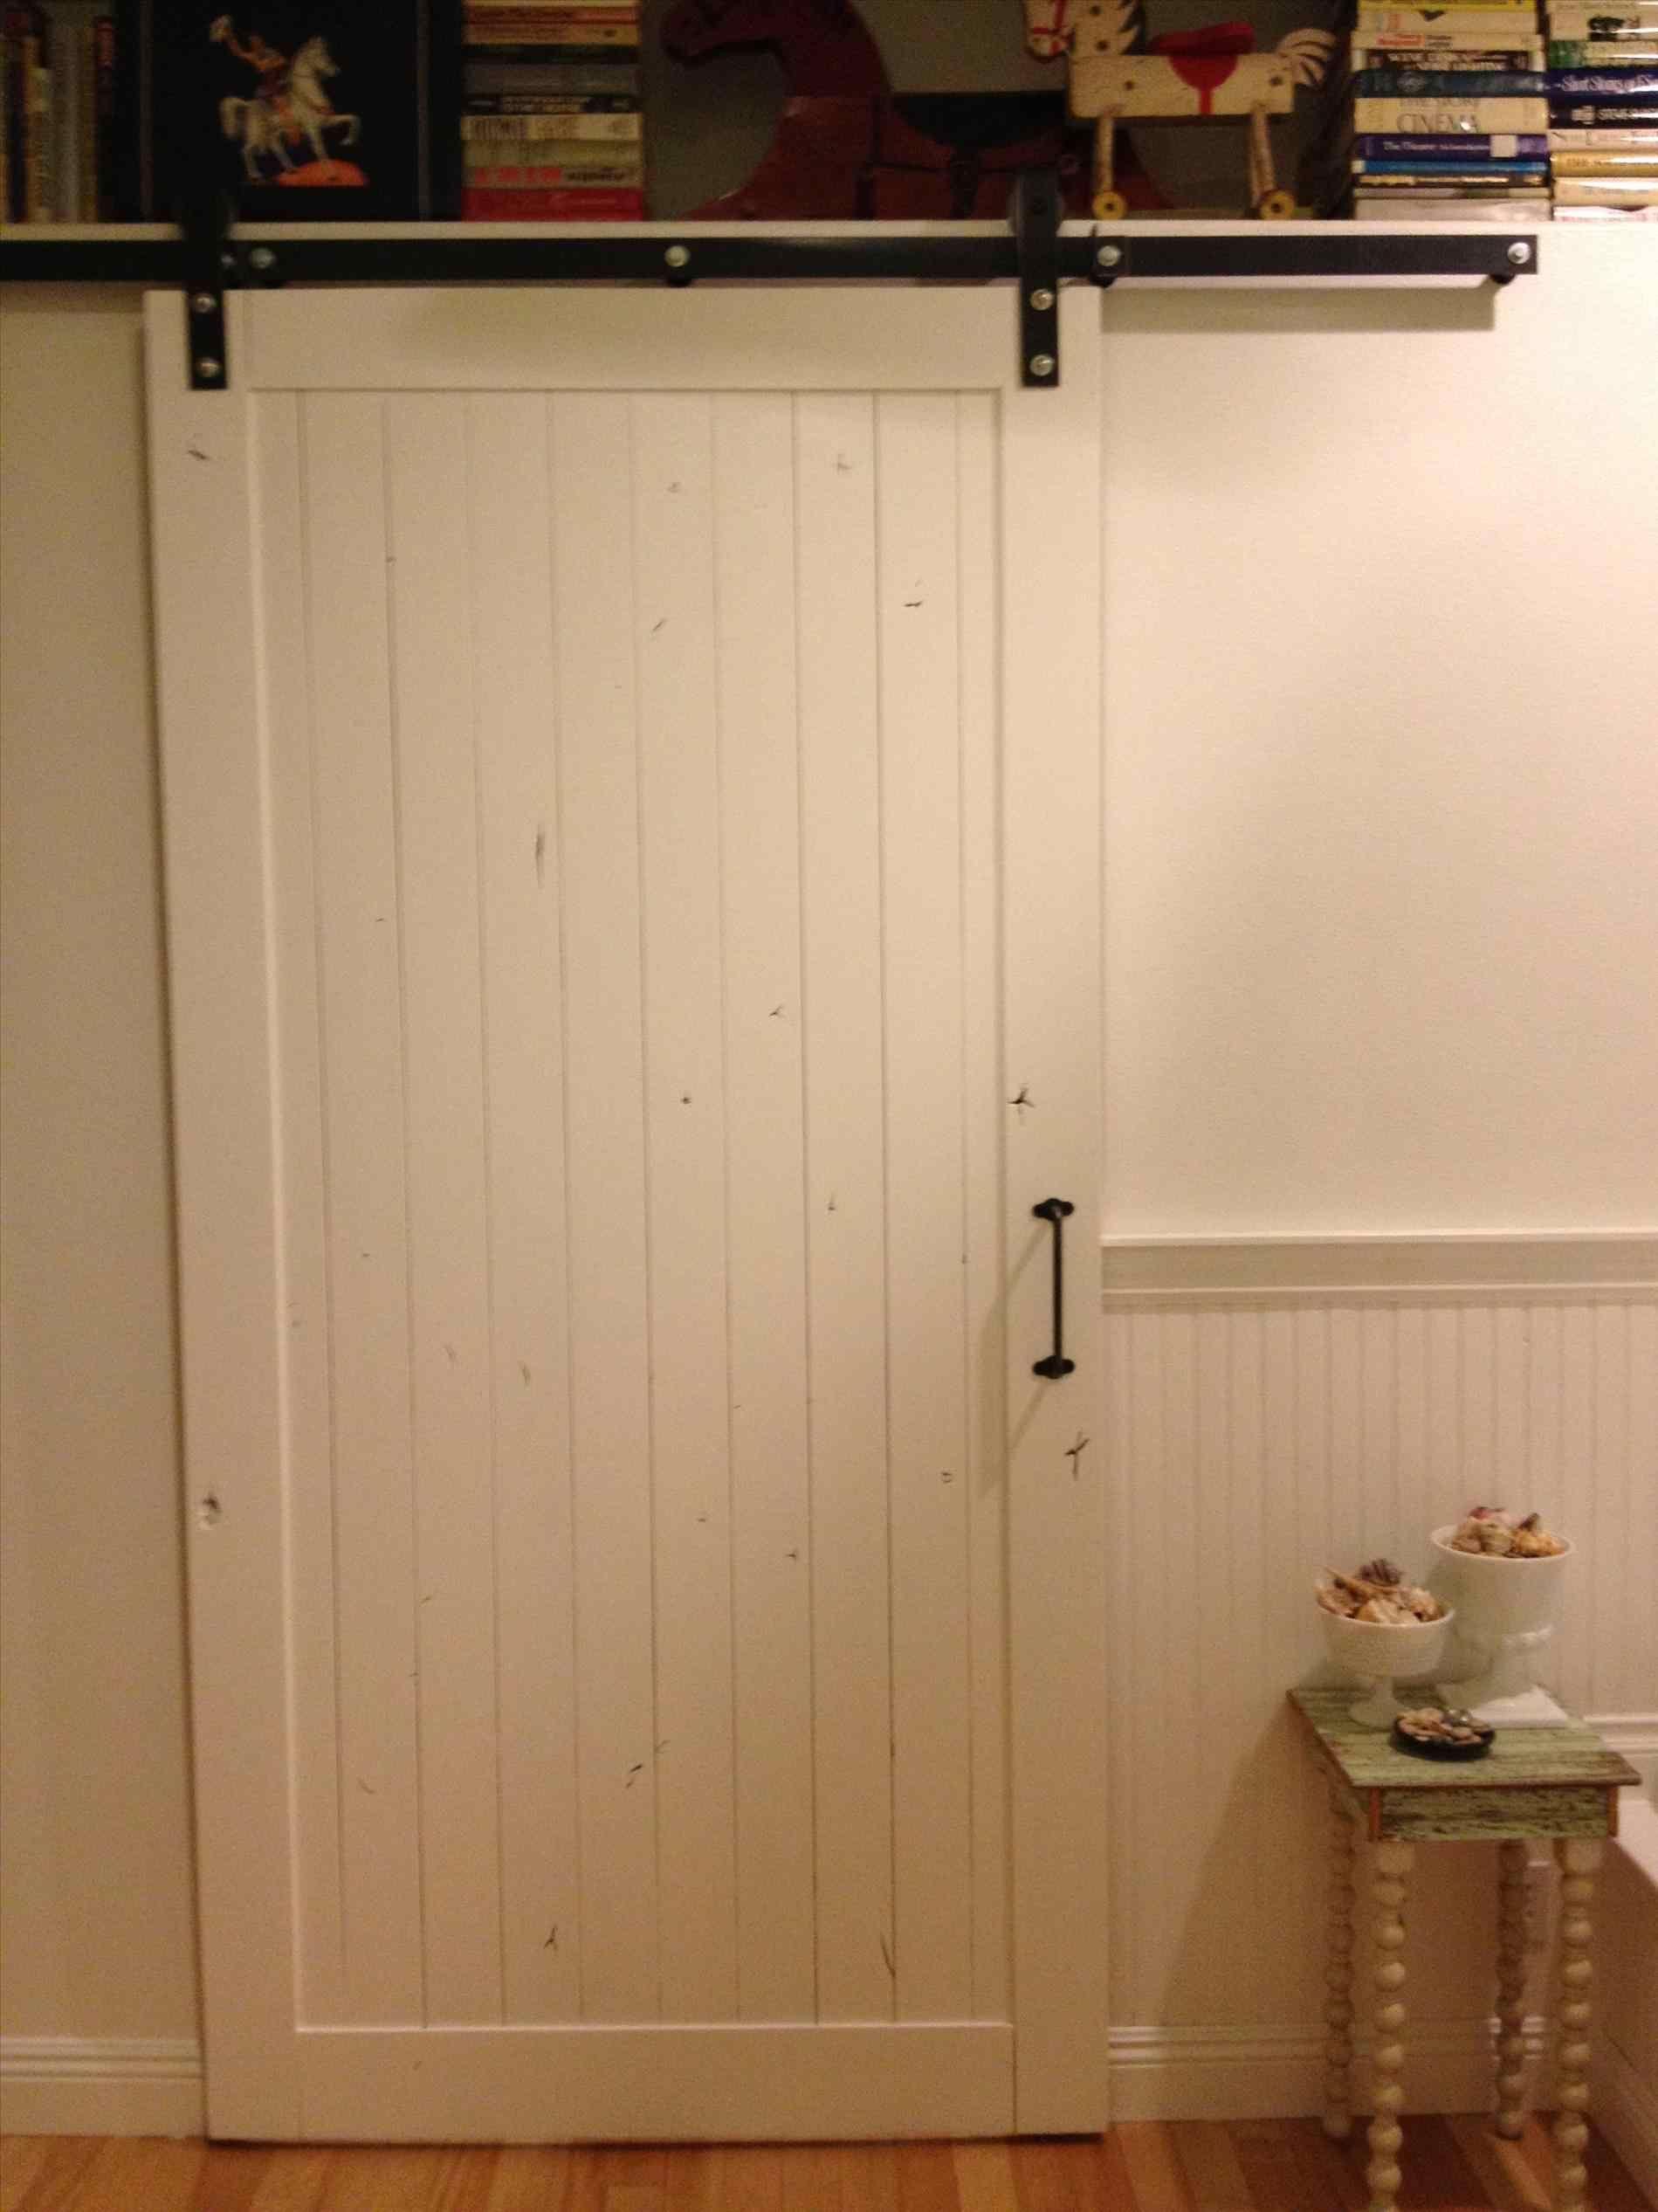 Door Handles Track Hollow Core Mdf Bypass Sliding Closet Doors